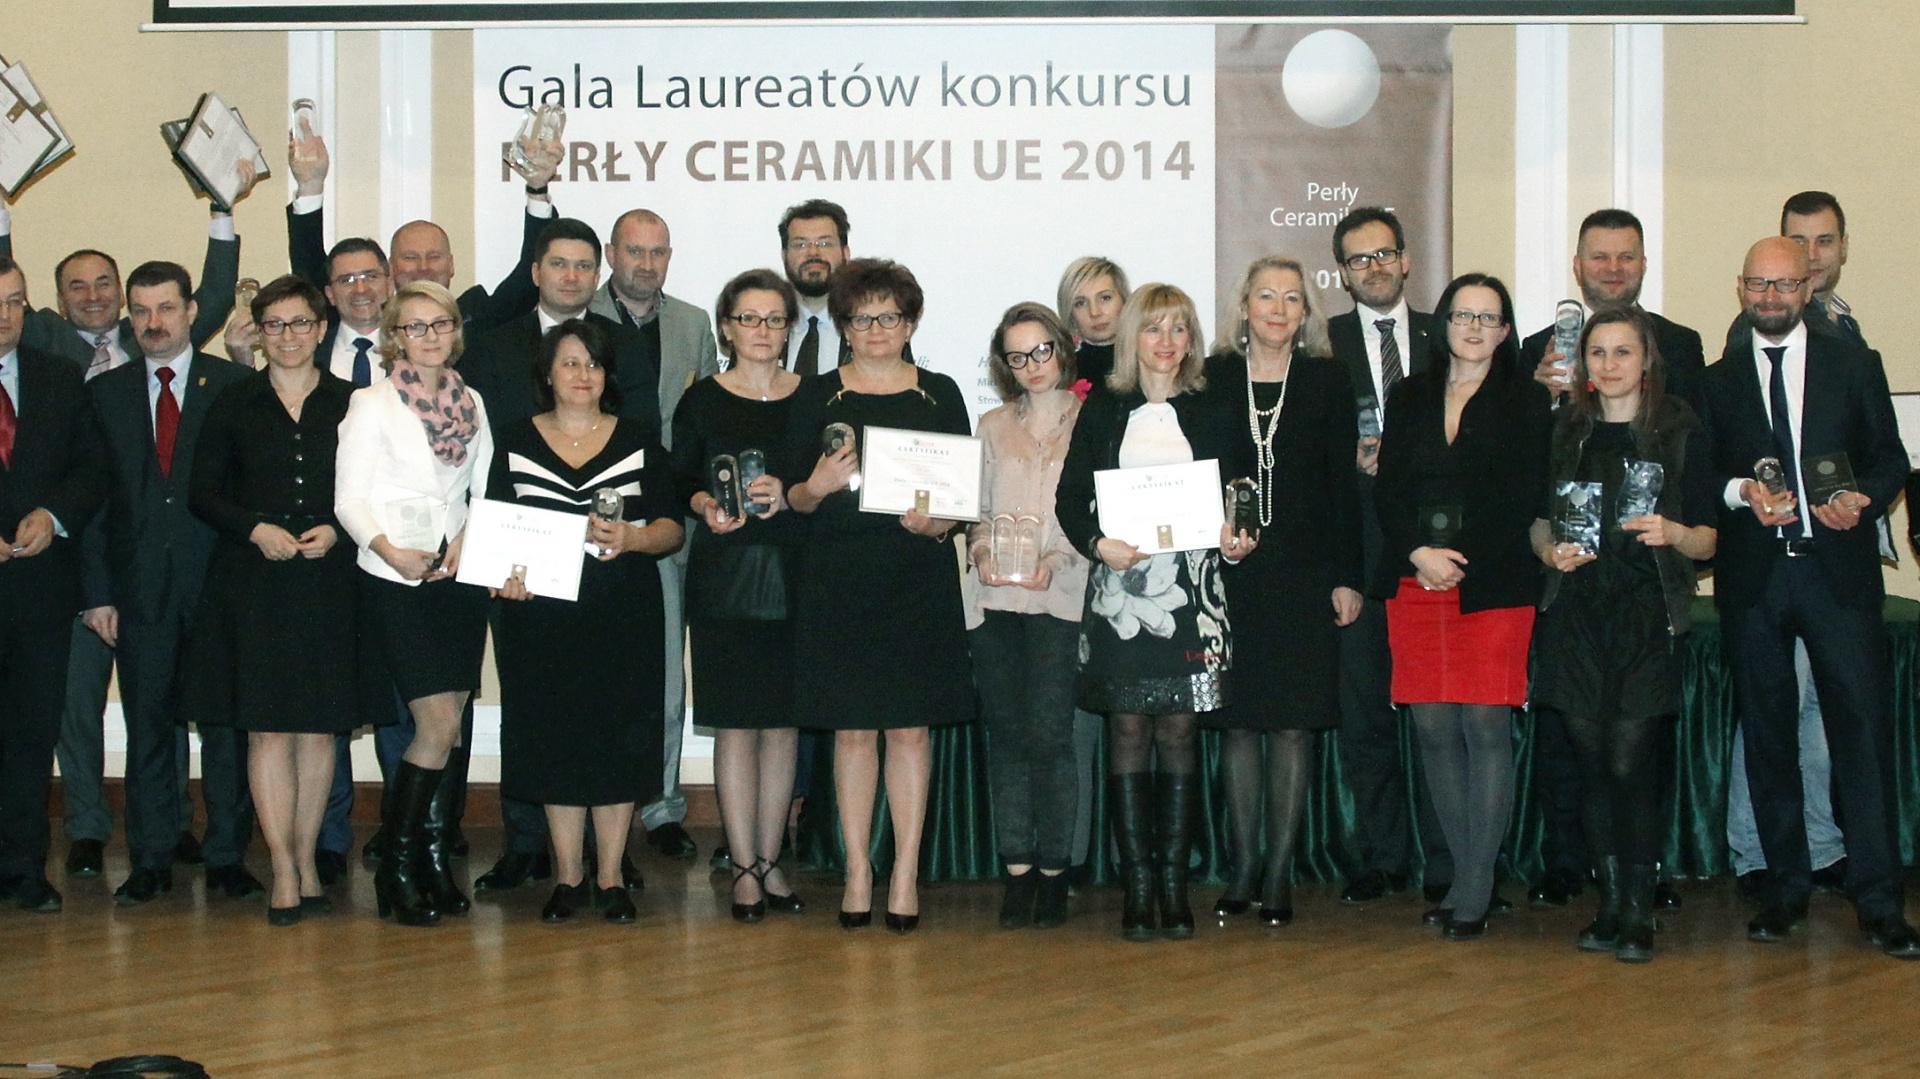 Gala laureatów konkursu Perły Ceramiki UE 2014. Fot. Archiwum